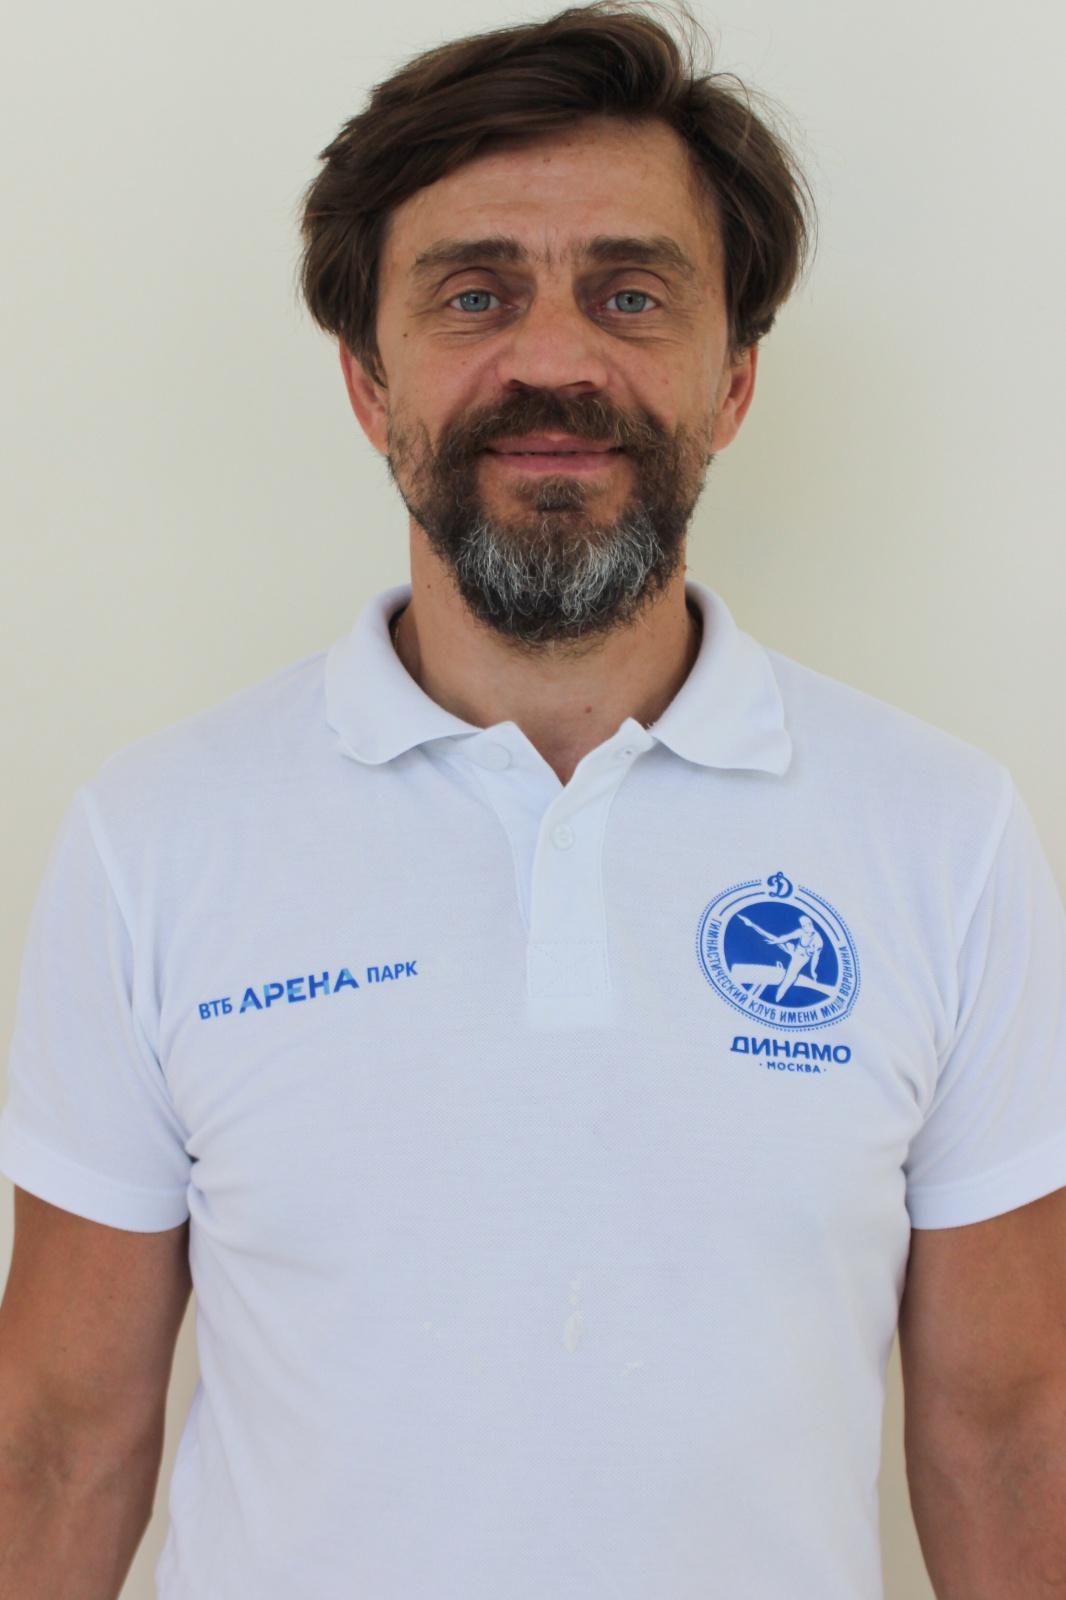 Сидоренко Андрей Александрович